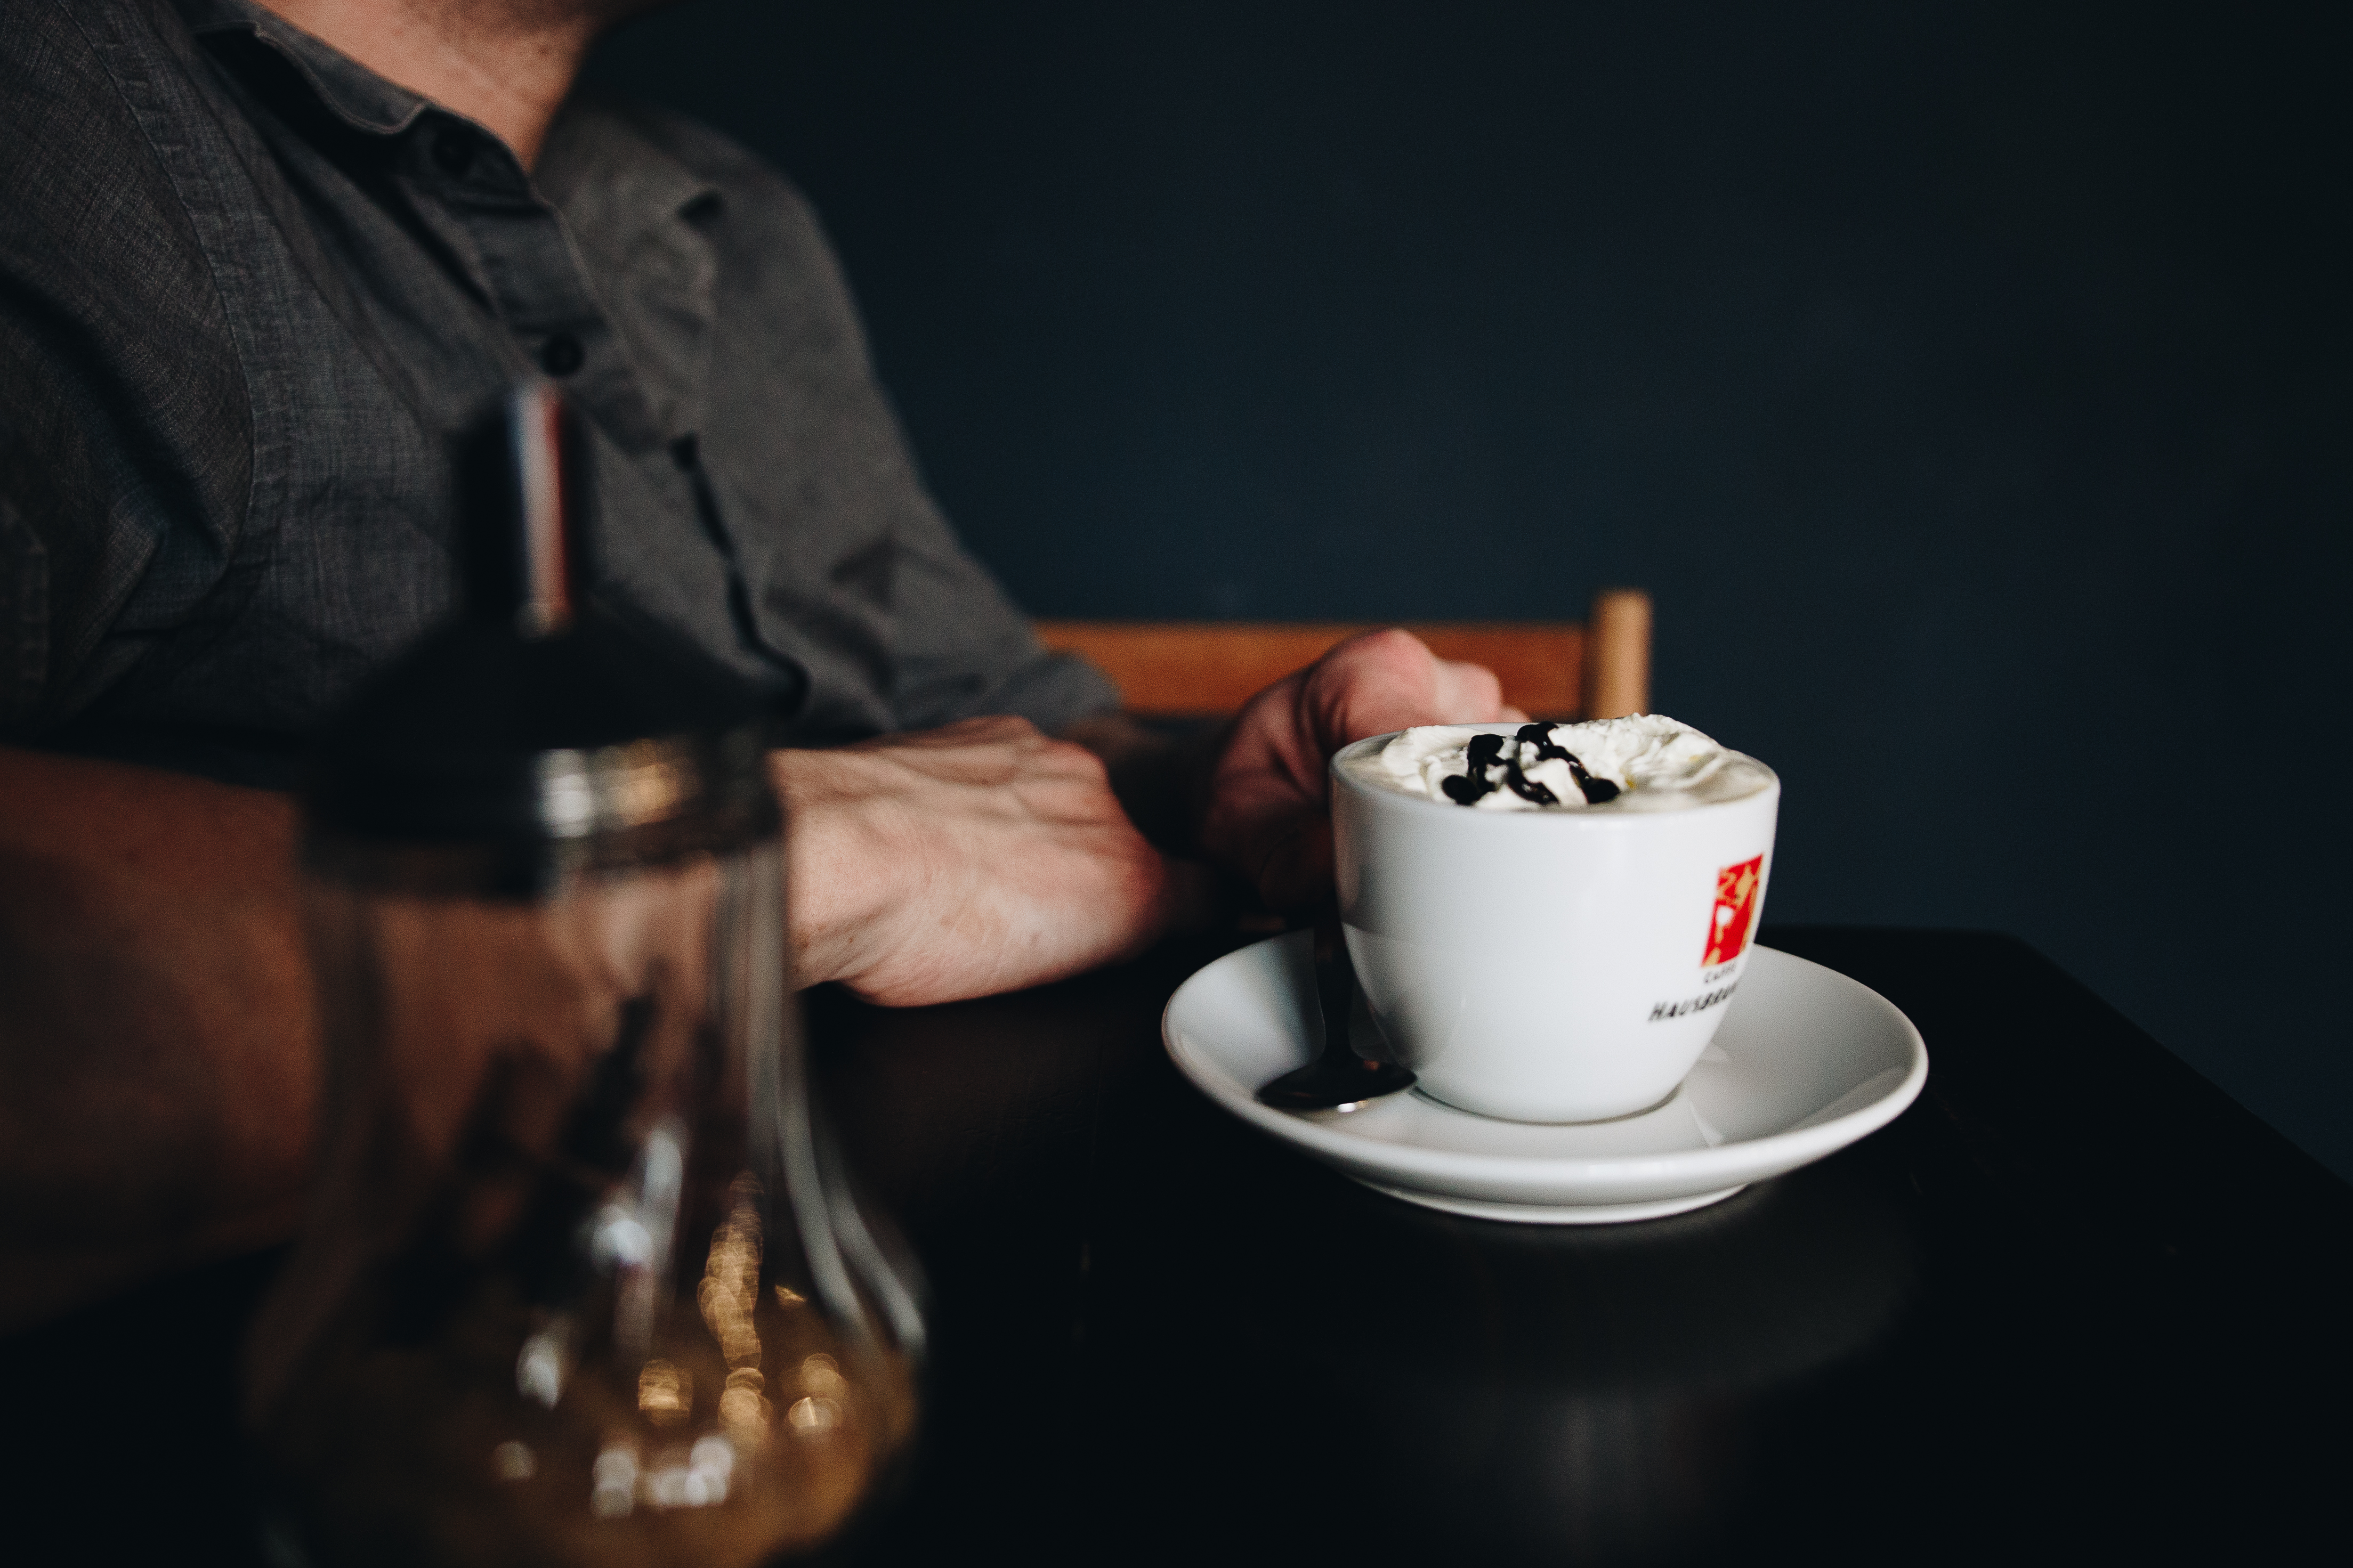 emmas onkel-chemnitz-café-kuchen-annabelle sagt9